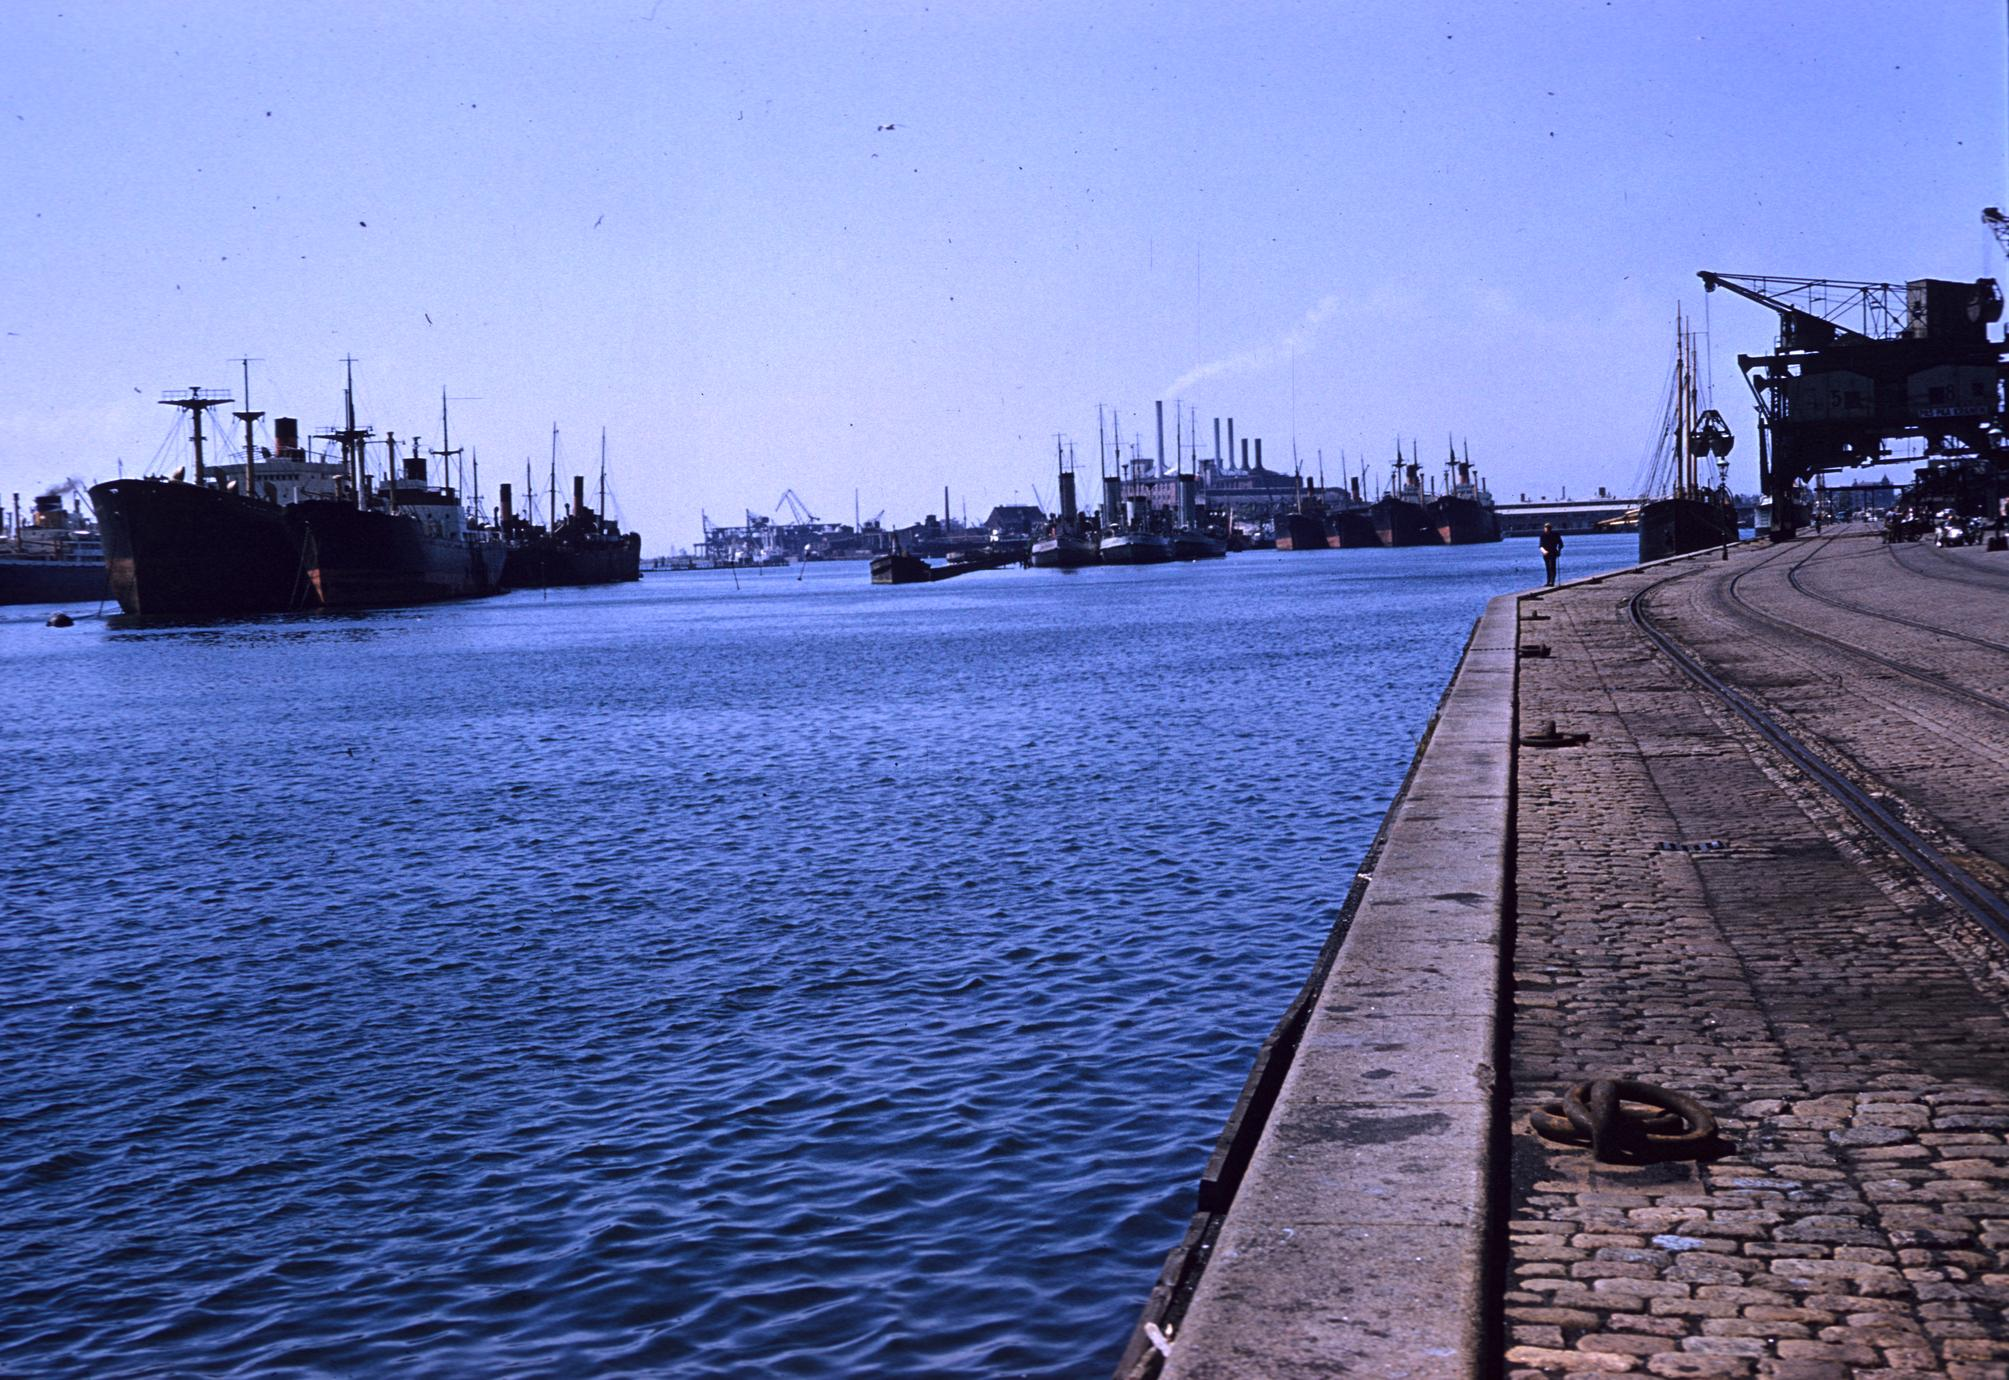 Cargo ships in harbor